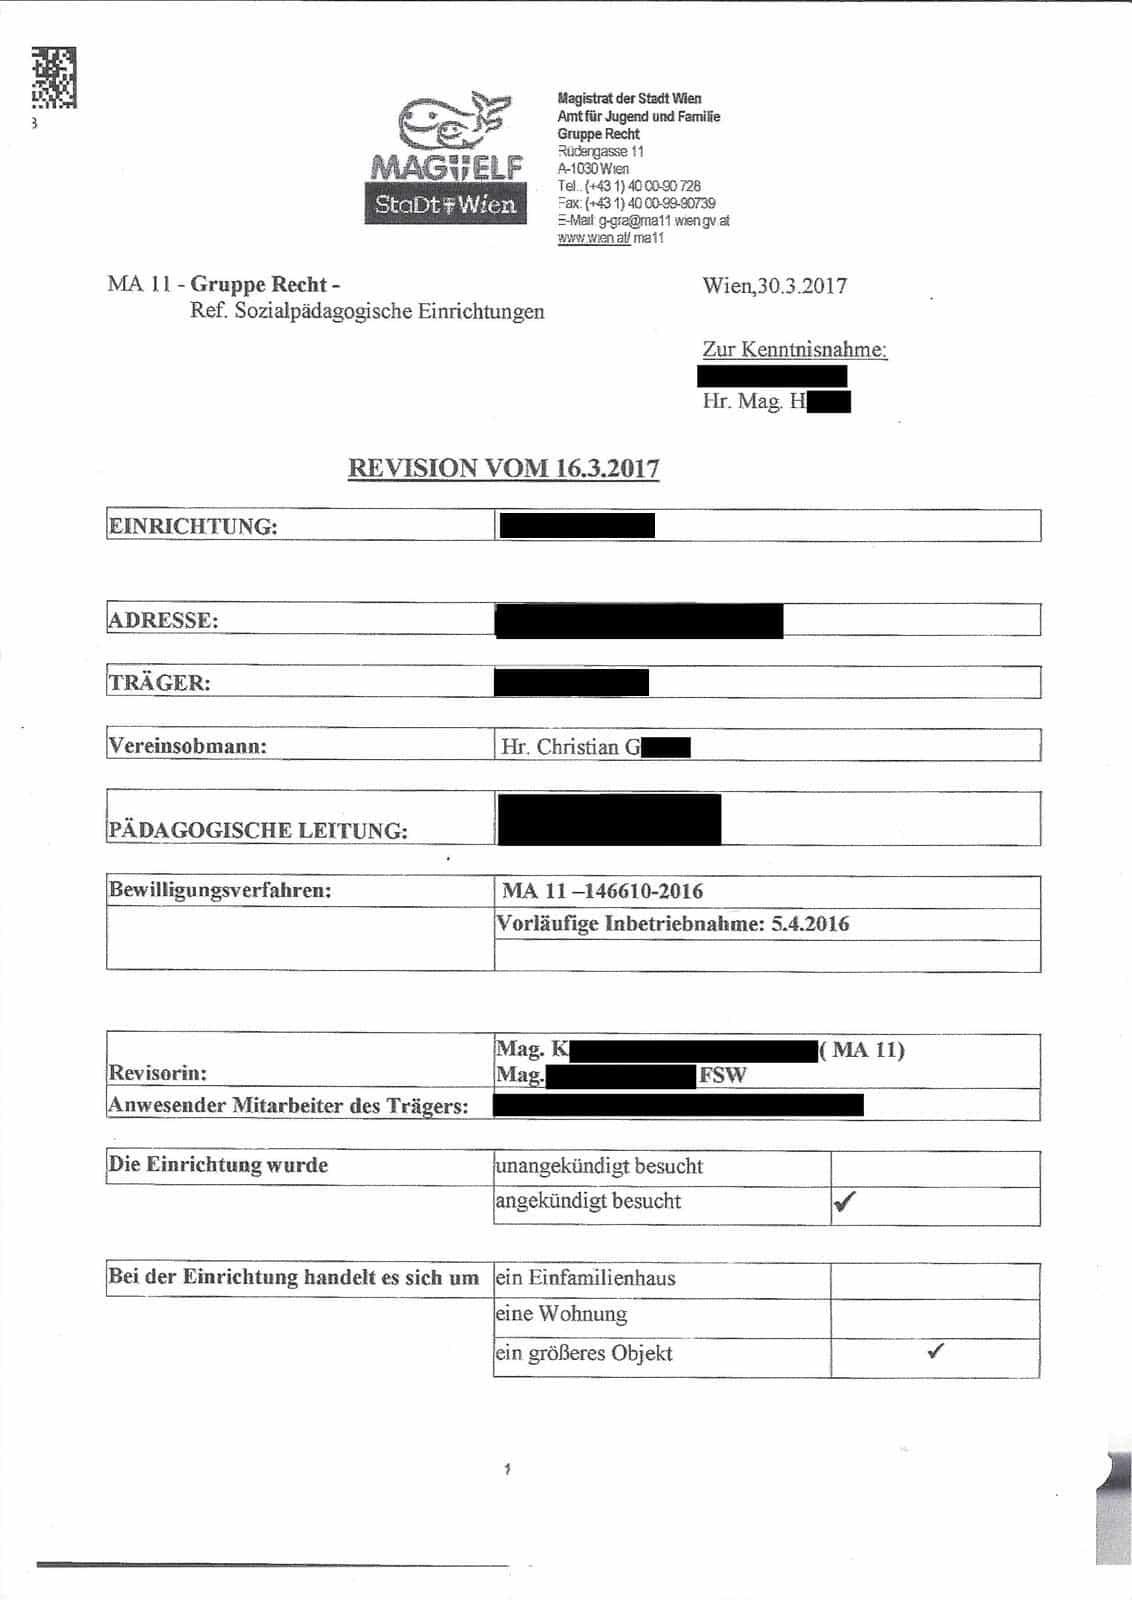 Revision vom 16.03.2017 - MA 11 und FSW